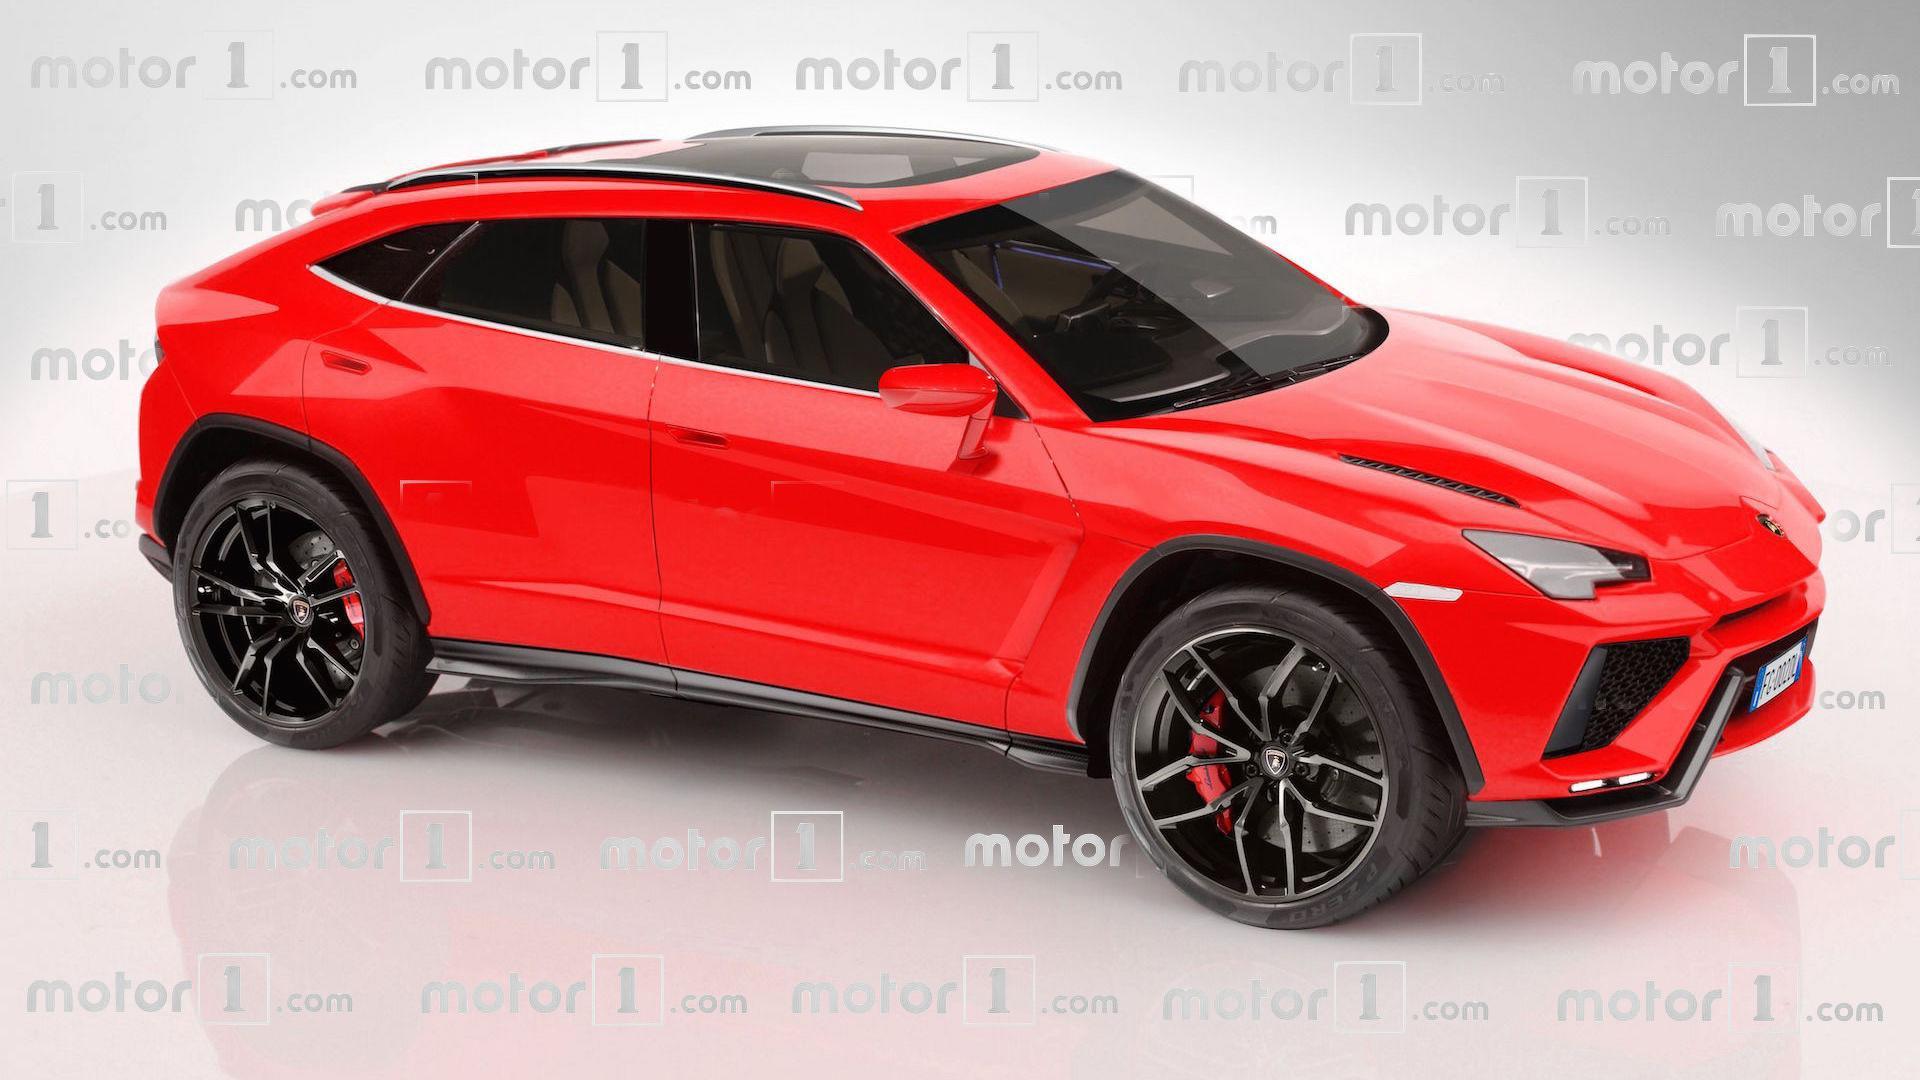 2019 Lamborghini Urus: Design, Engine, Price >> 2019 Lamborghini Urus Everything We Know